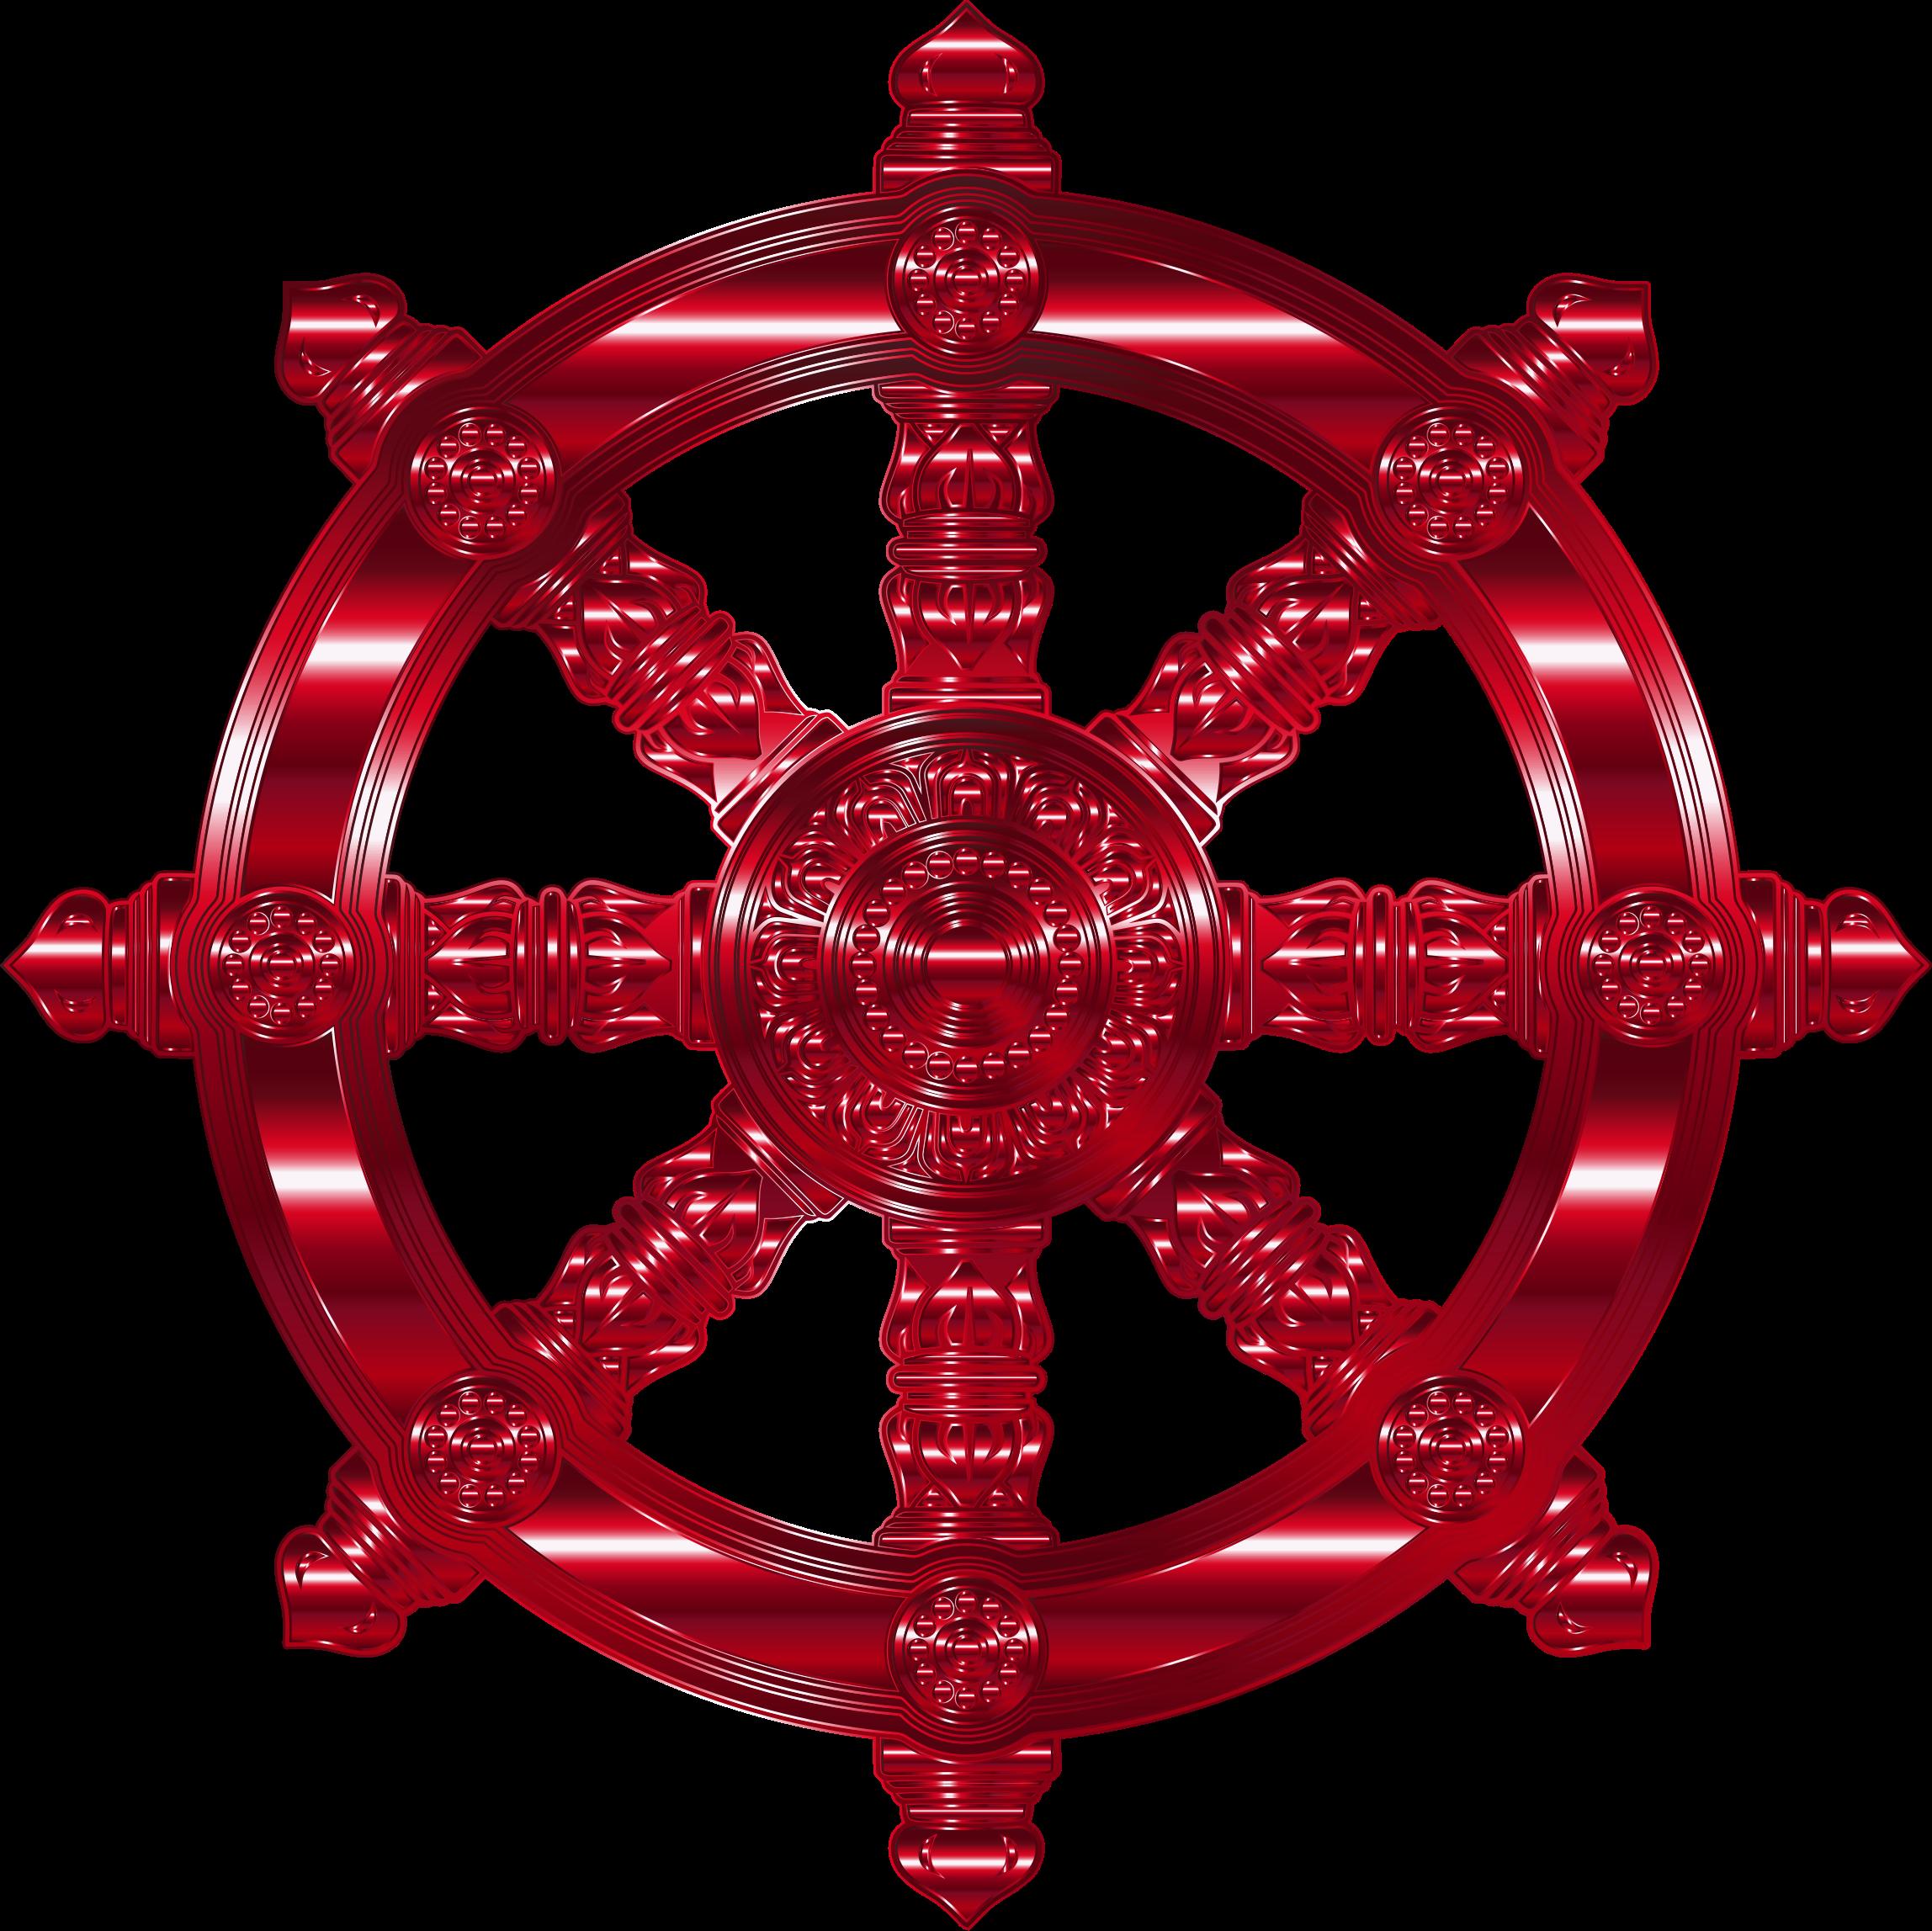 Clipart anchor circle. Vermillion ornate dharma wheel